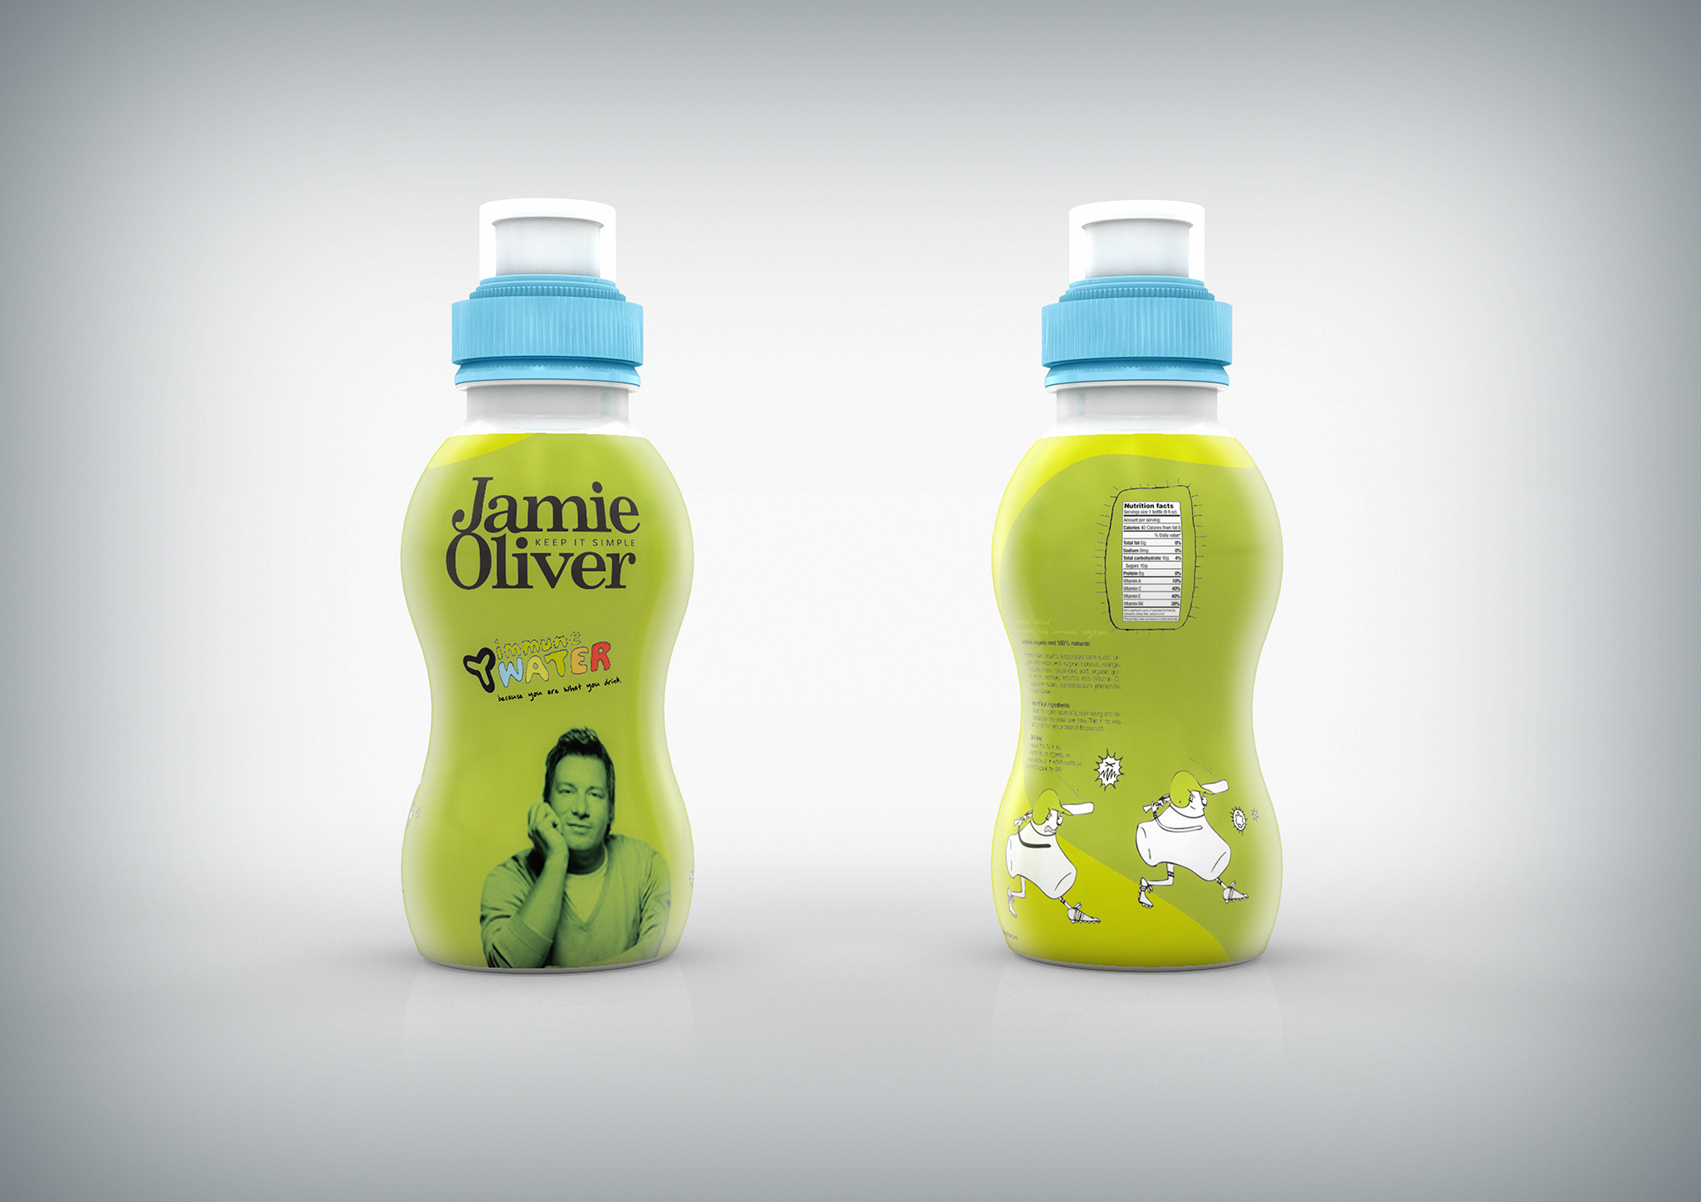 JAMIE OLIVER Y-WATER